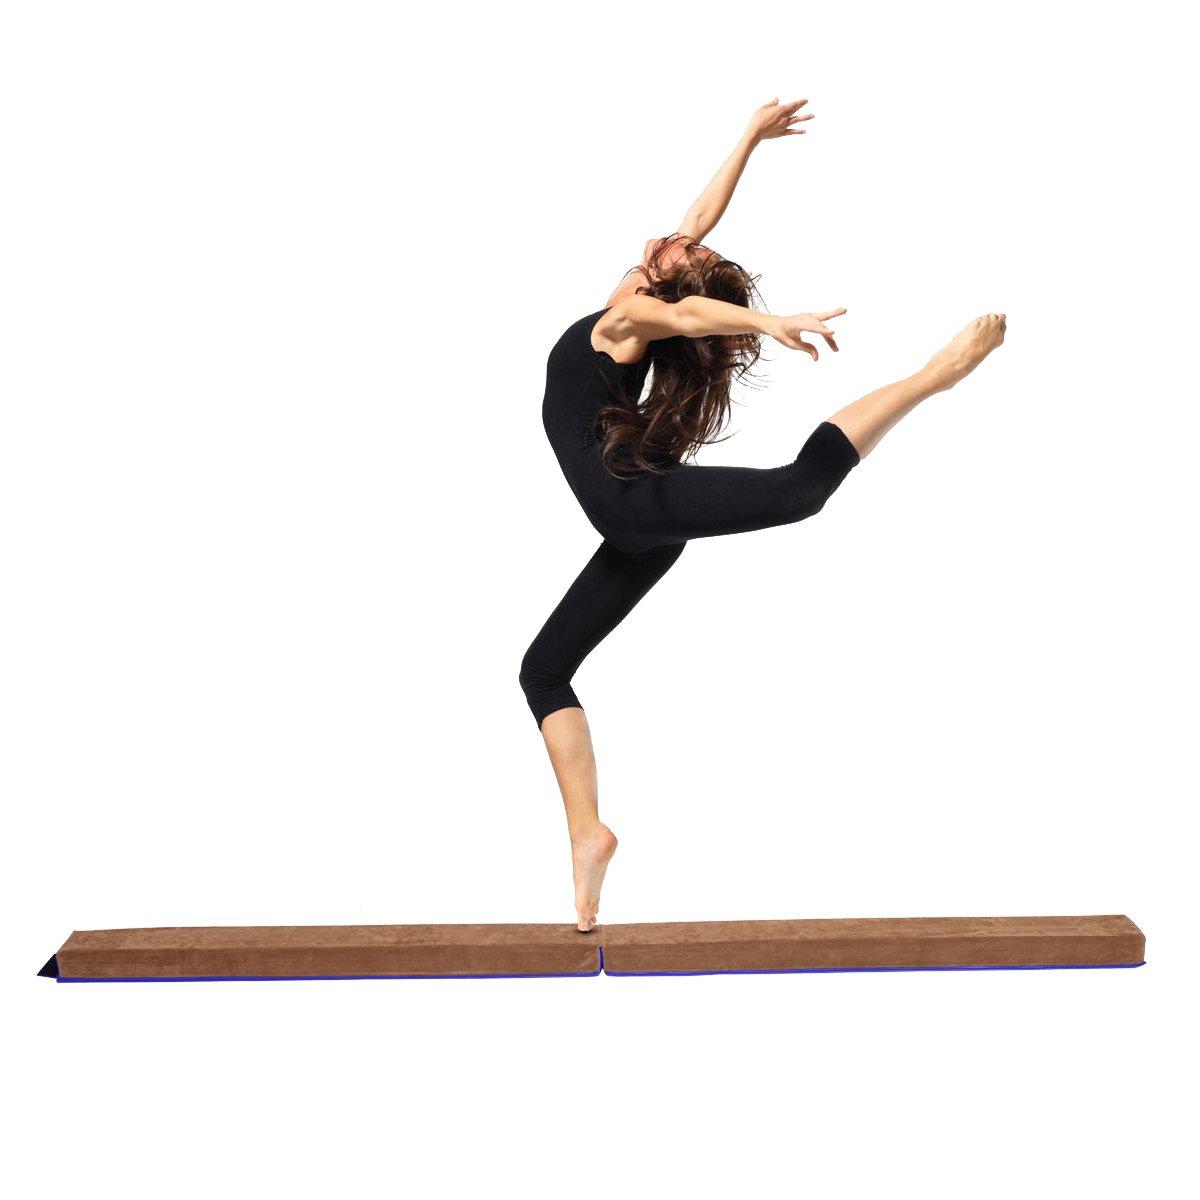 Blitzzauber 24 Poutre Gymnastique Poutre d'équilibre Pliable en Simili-Cuir 2,4m